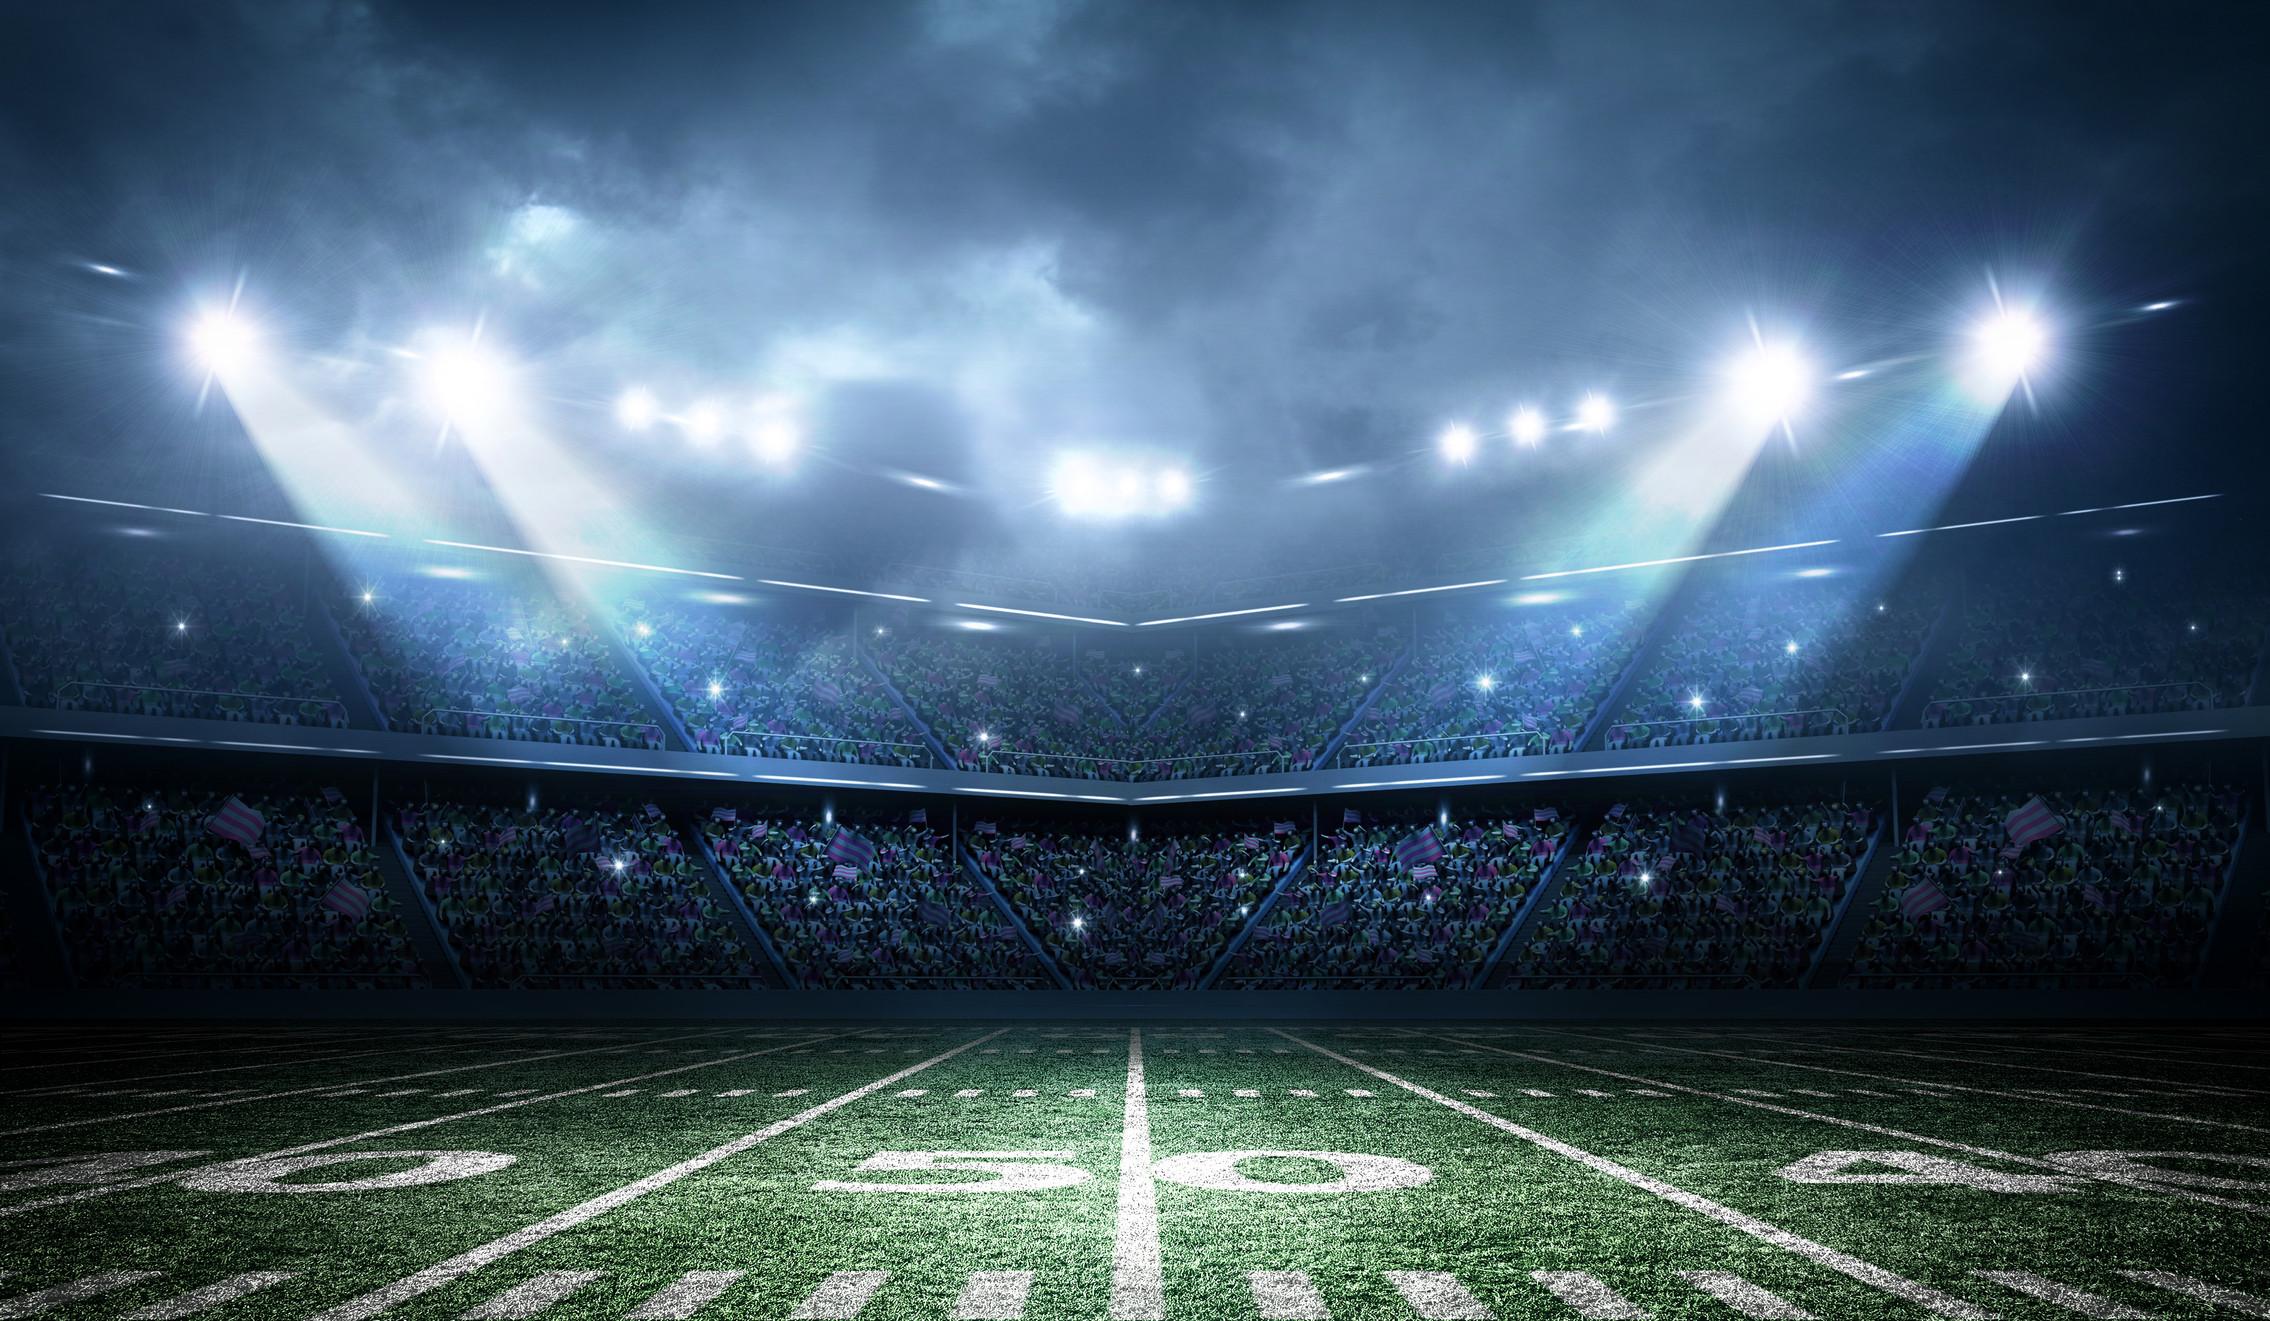 Football Stadium Background (60+ Images